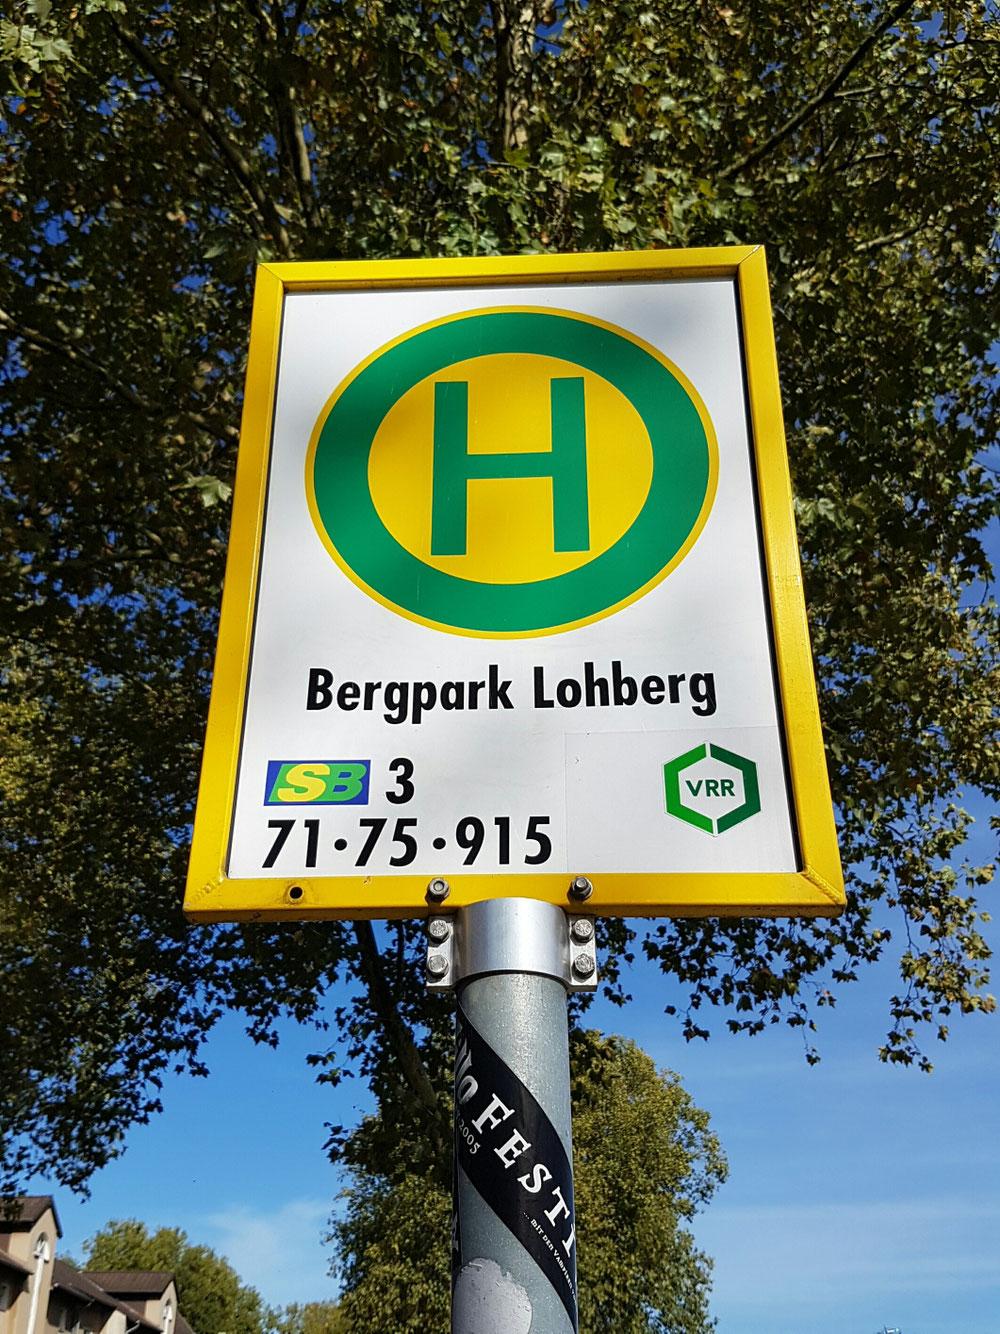 Bergpark Lohberg